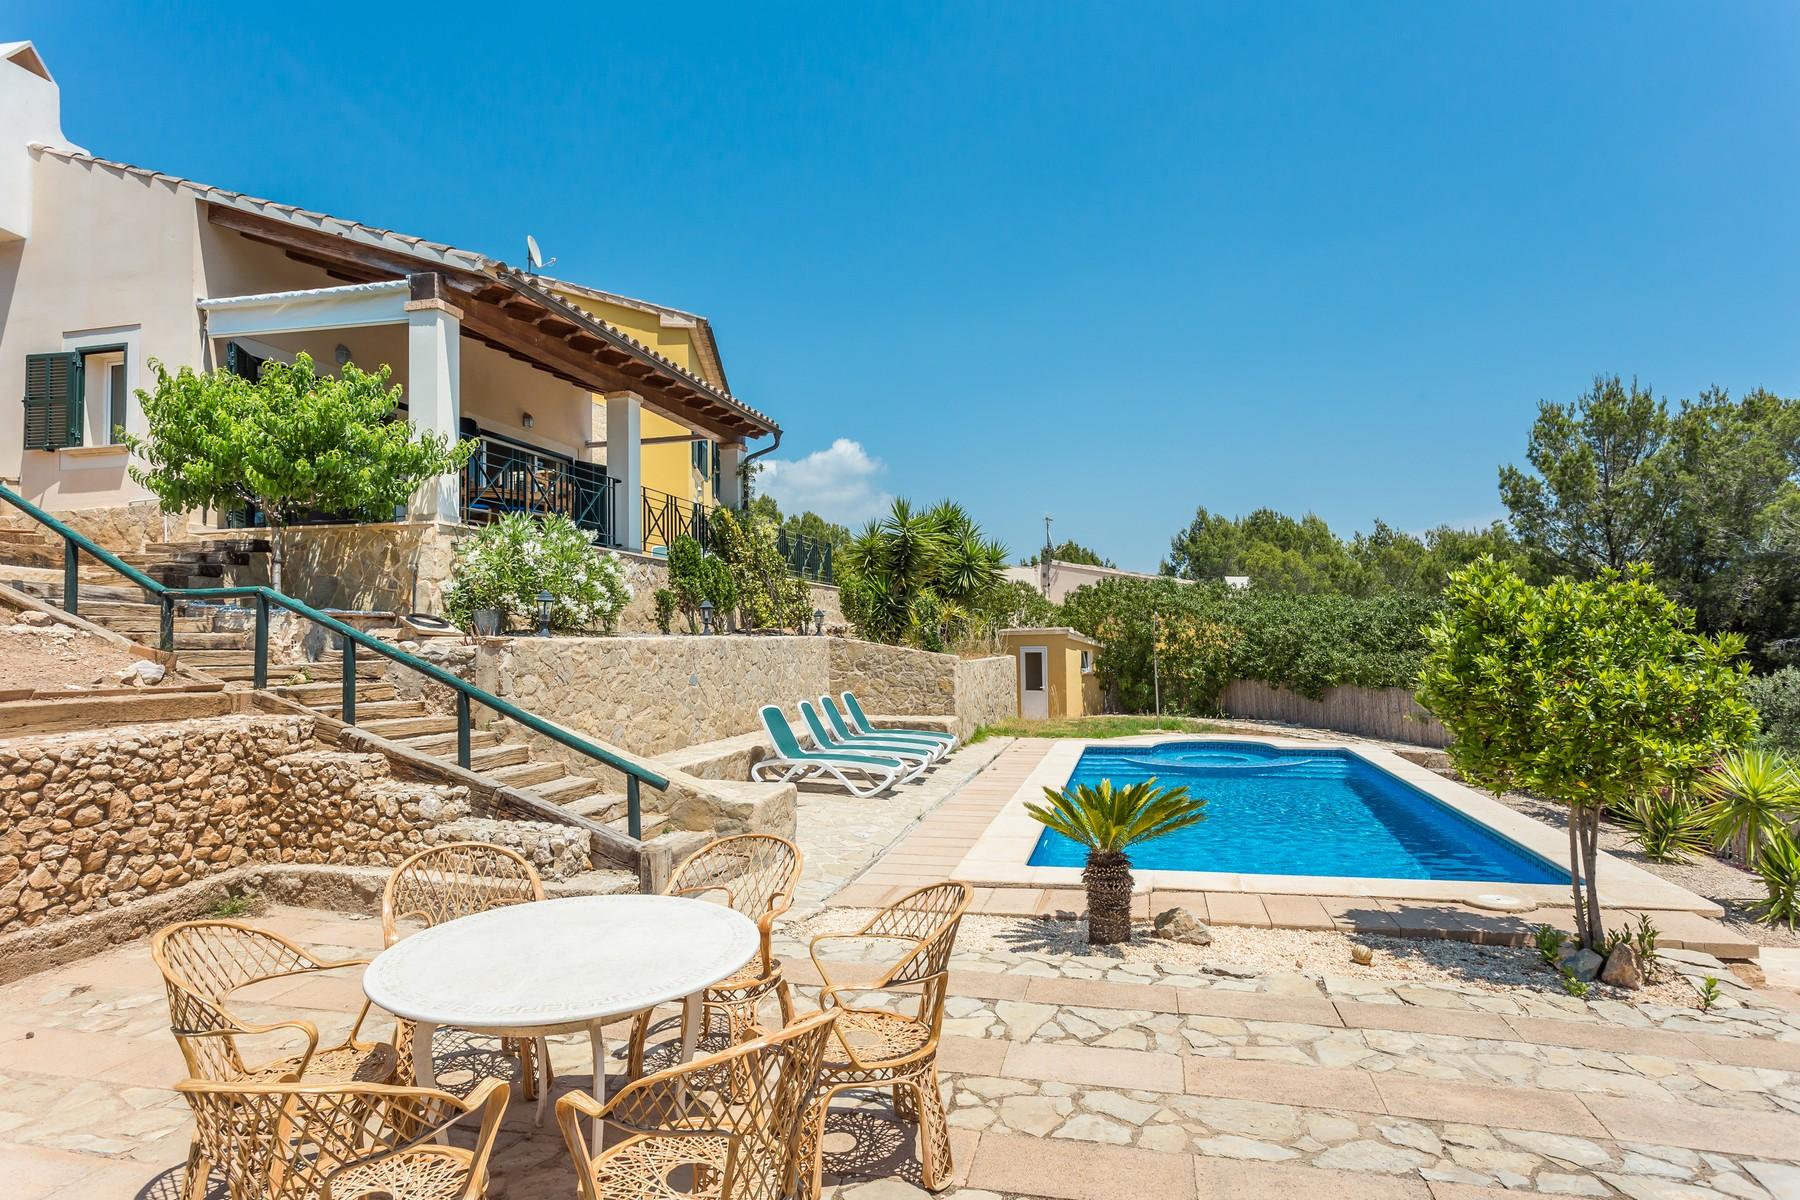 Single Family Home for Sale at Villa with panoramic views in Costa de la Calma Costa De La Calma, Mallorca, Spain